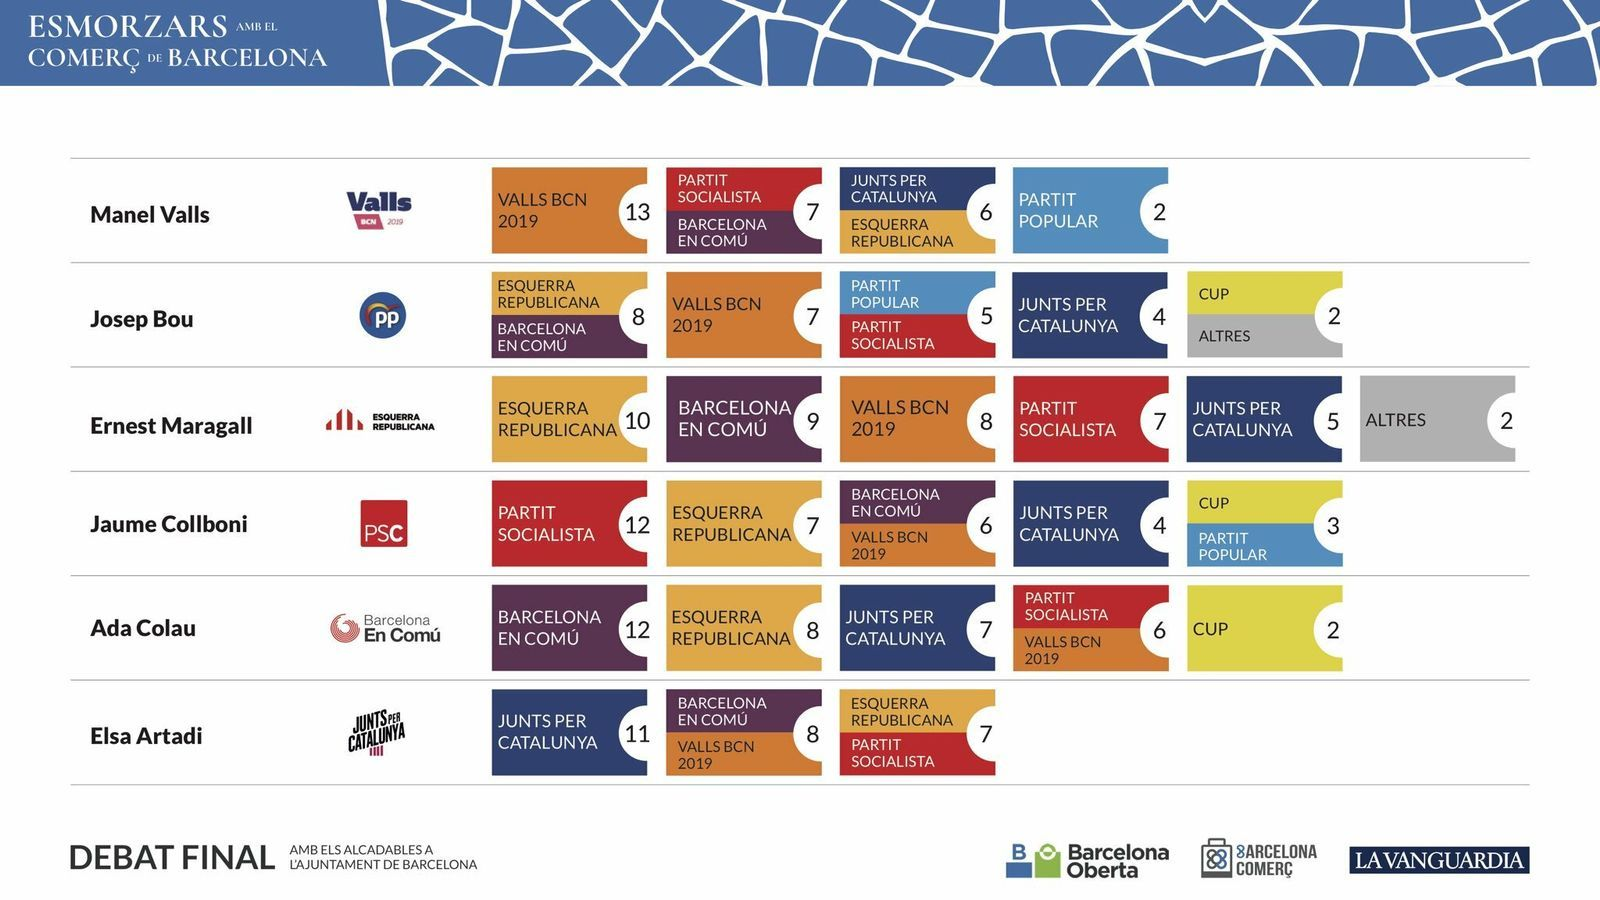 La porra dels candidats a l'alcaldia de Barcelona